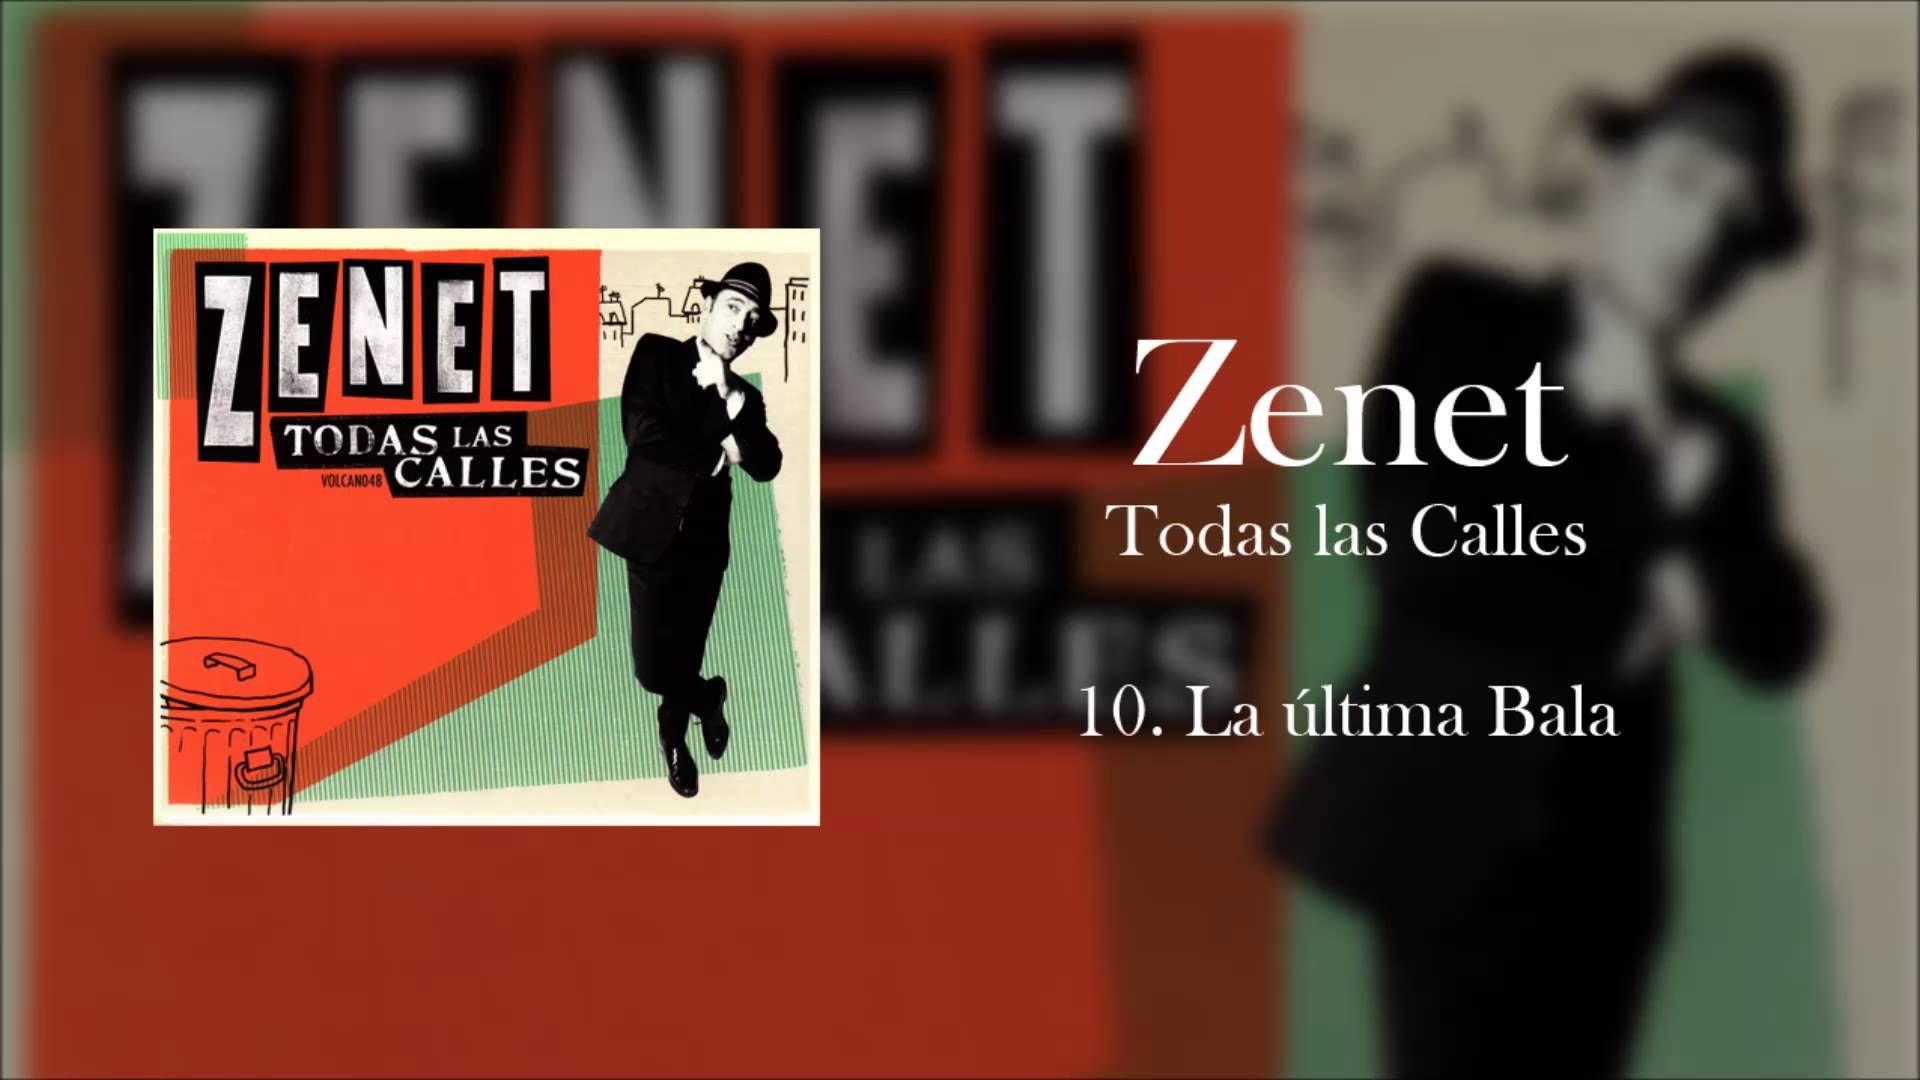 Zenet - La Última Bala